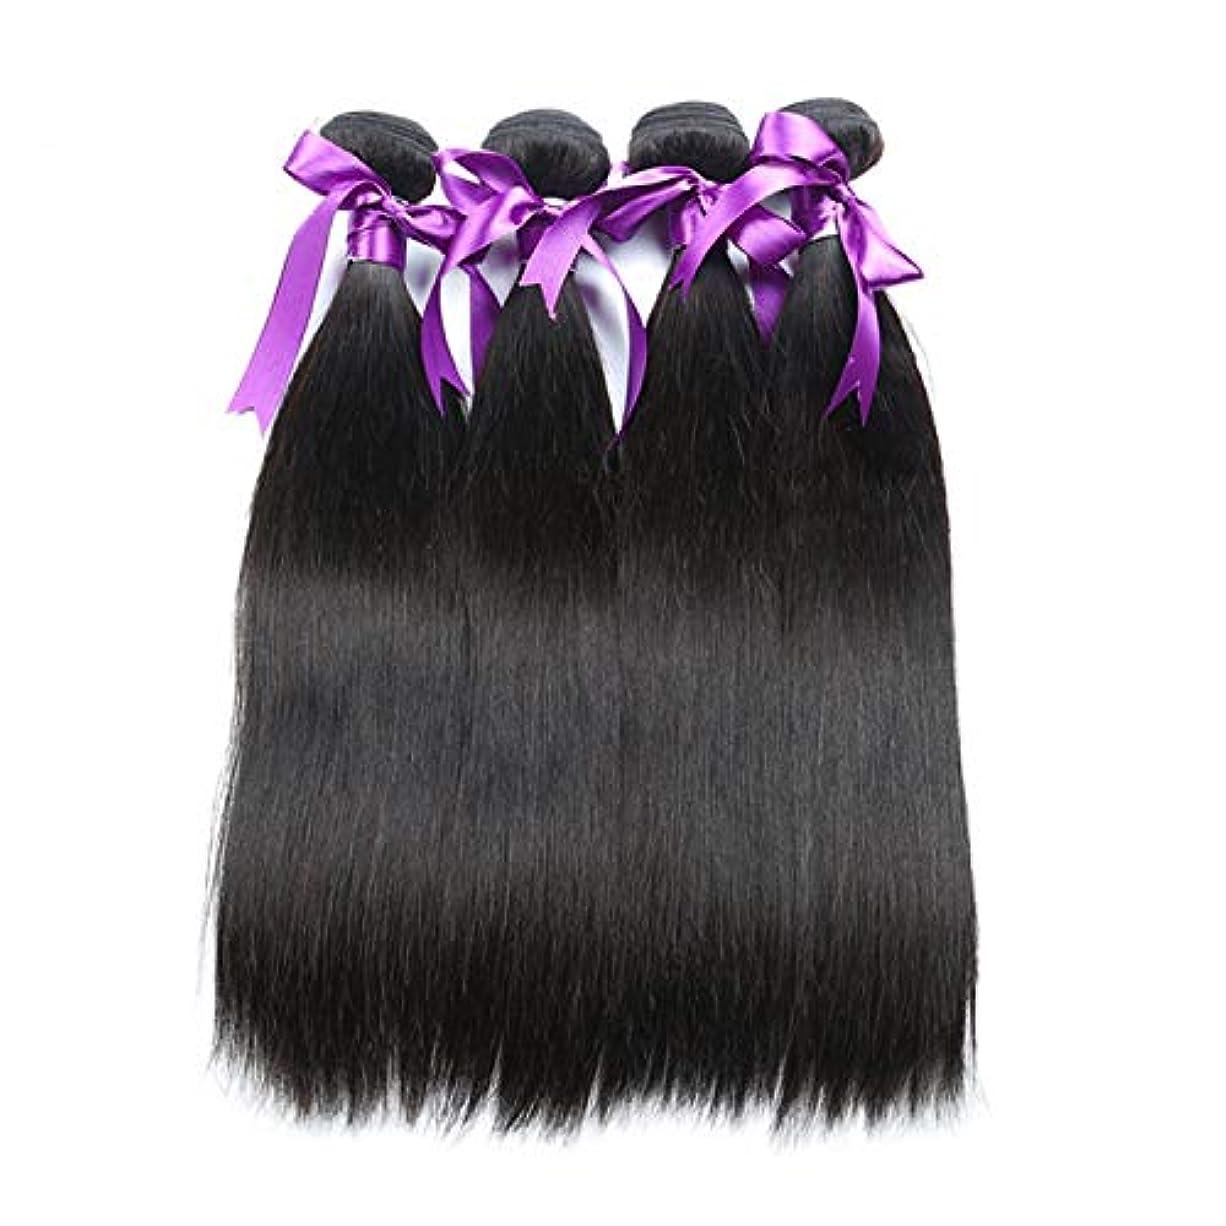 感動する出撃者逆説かつら マレーシアのストレートヘア4本の人間の髪の束非レミーの毛の延長天然黒体毛髪のかつら (Length : 8 8 10 10)